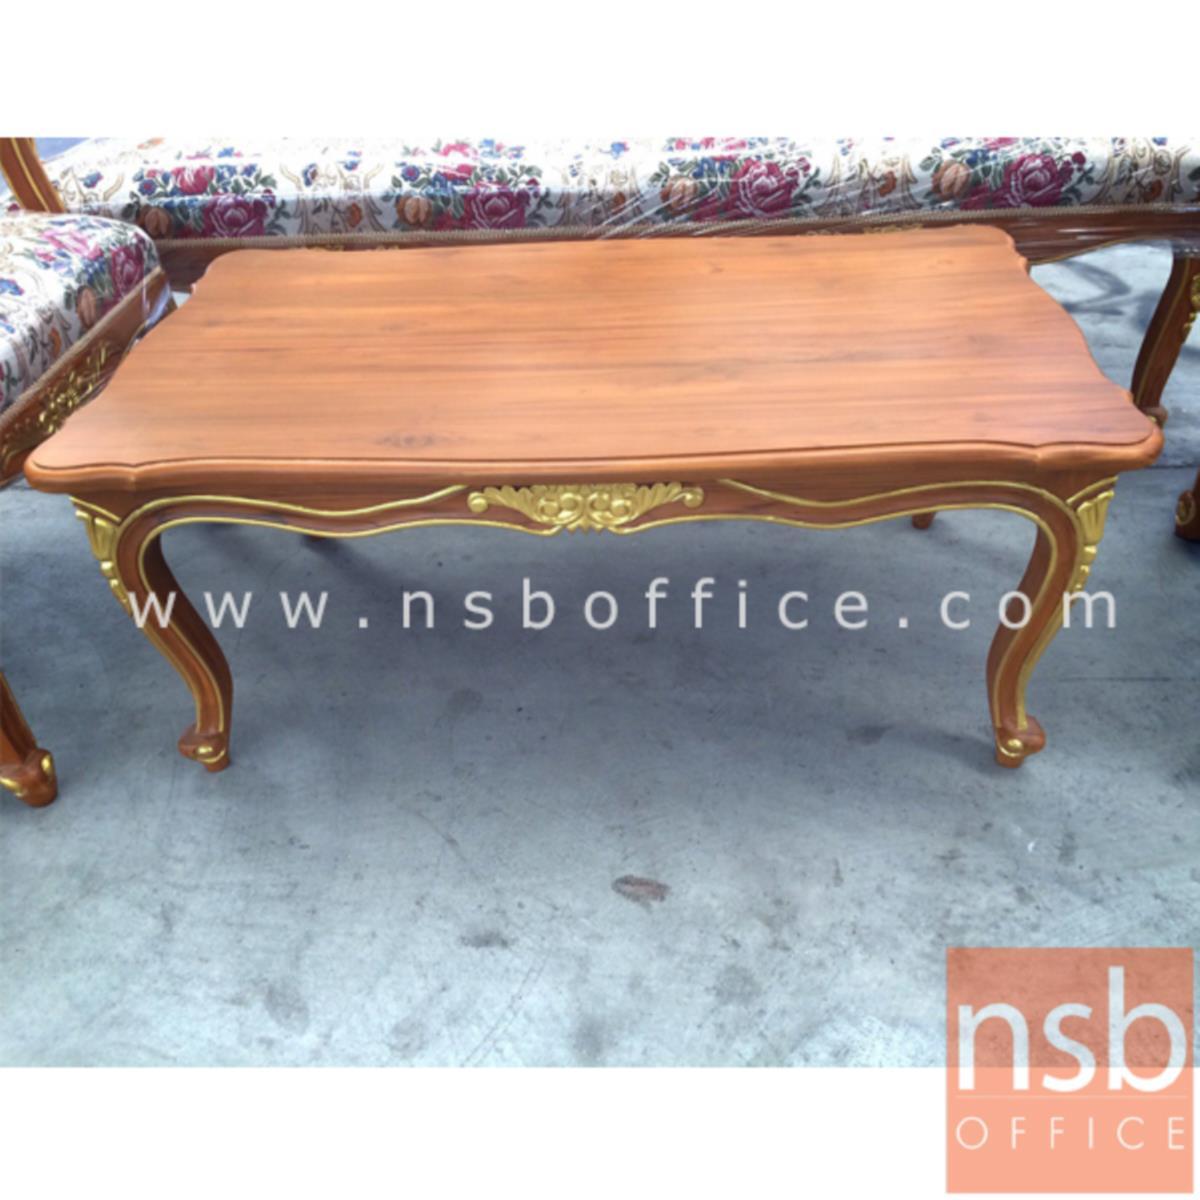 โซฟาหลุยส์ไม้สัก  รุ่น แต้มลายสีทอง Louis-gold   พร้อมโต๊ะกลาง โครงไม้สักแท้